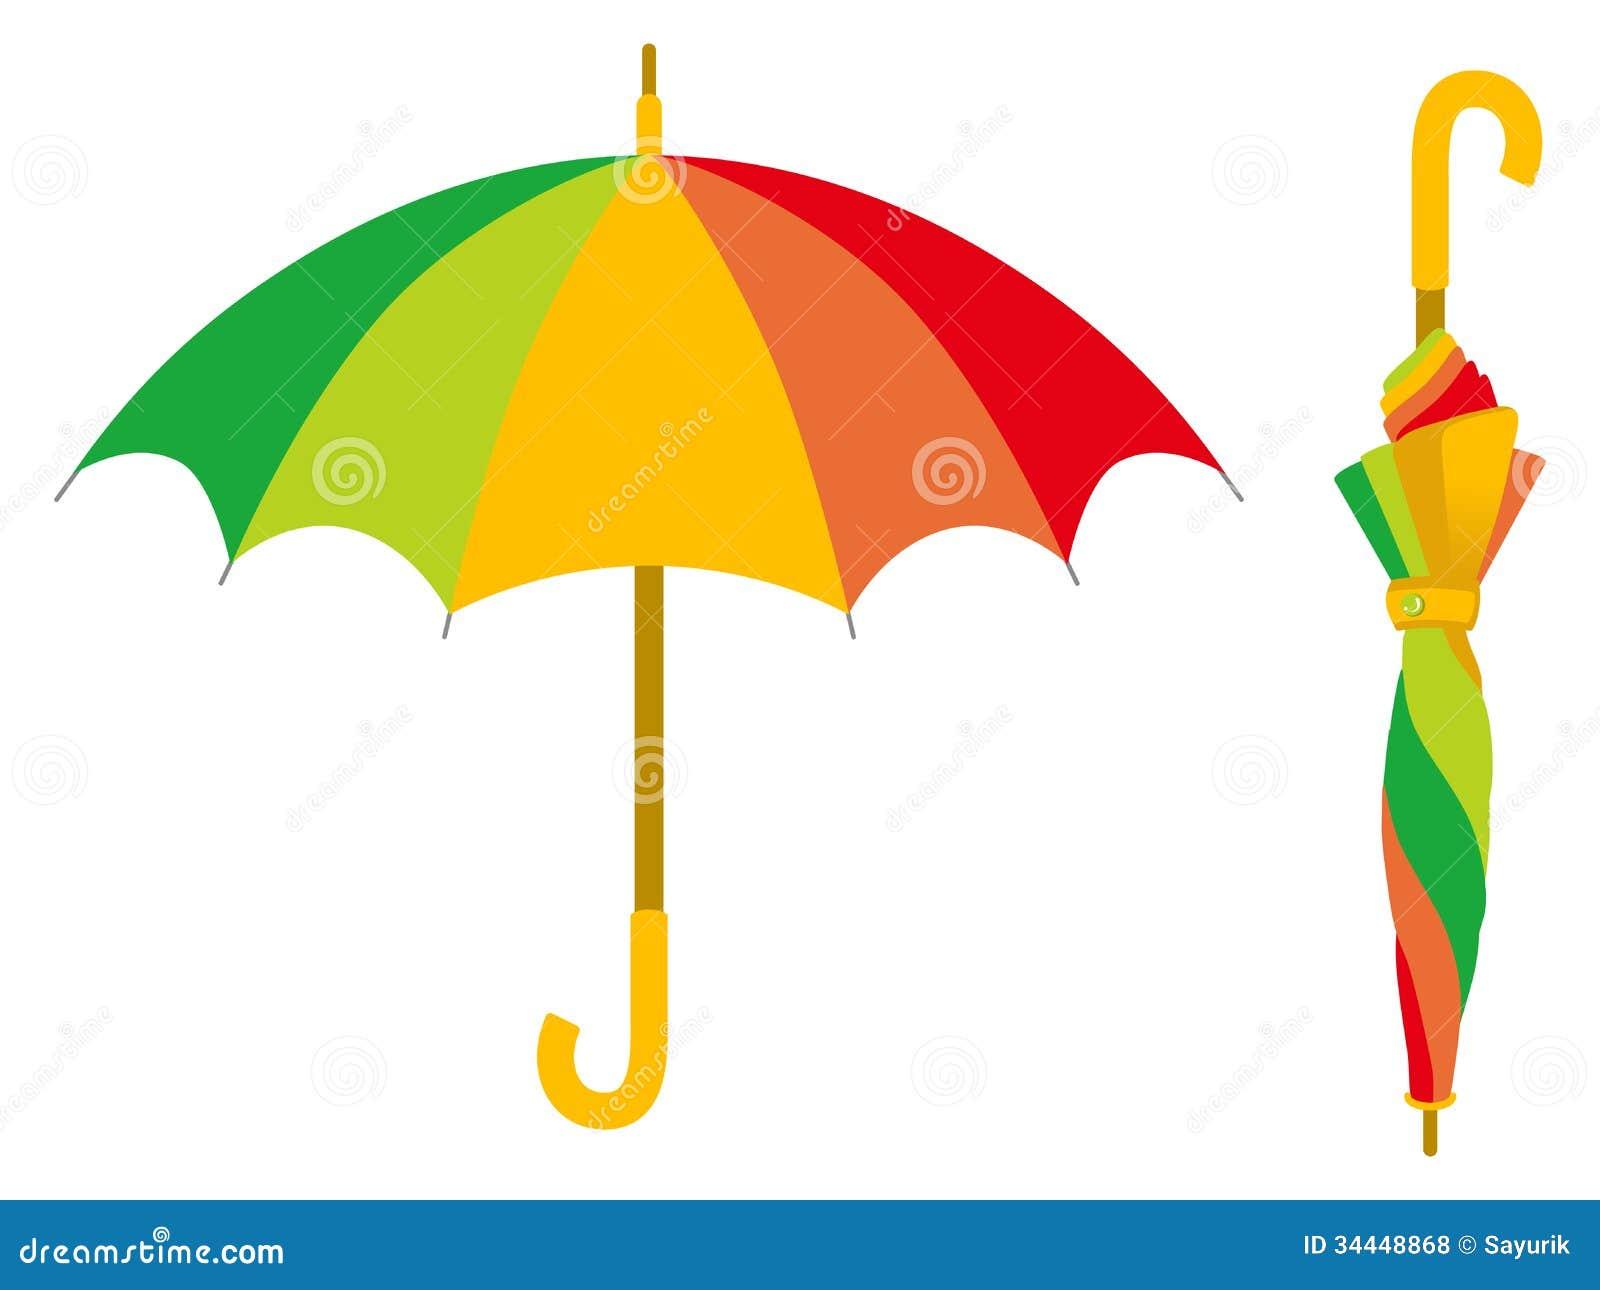 parapluie color ouvert et ferm - Parapluie Color